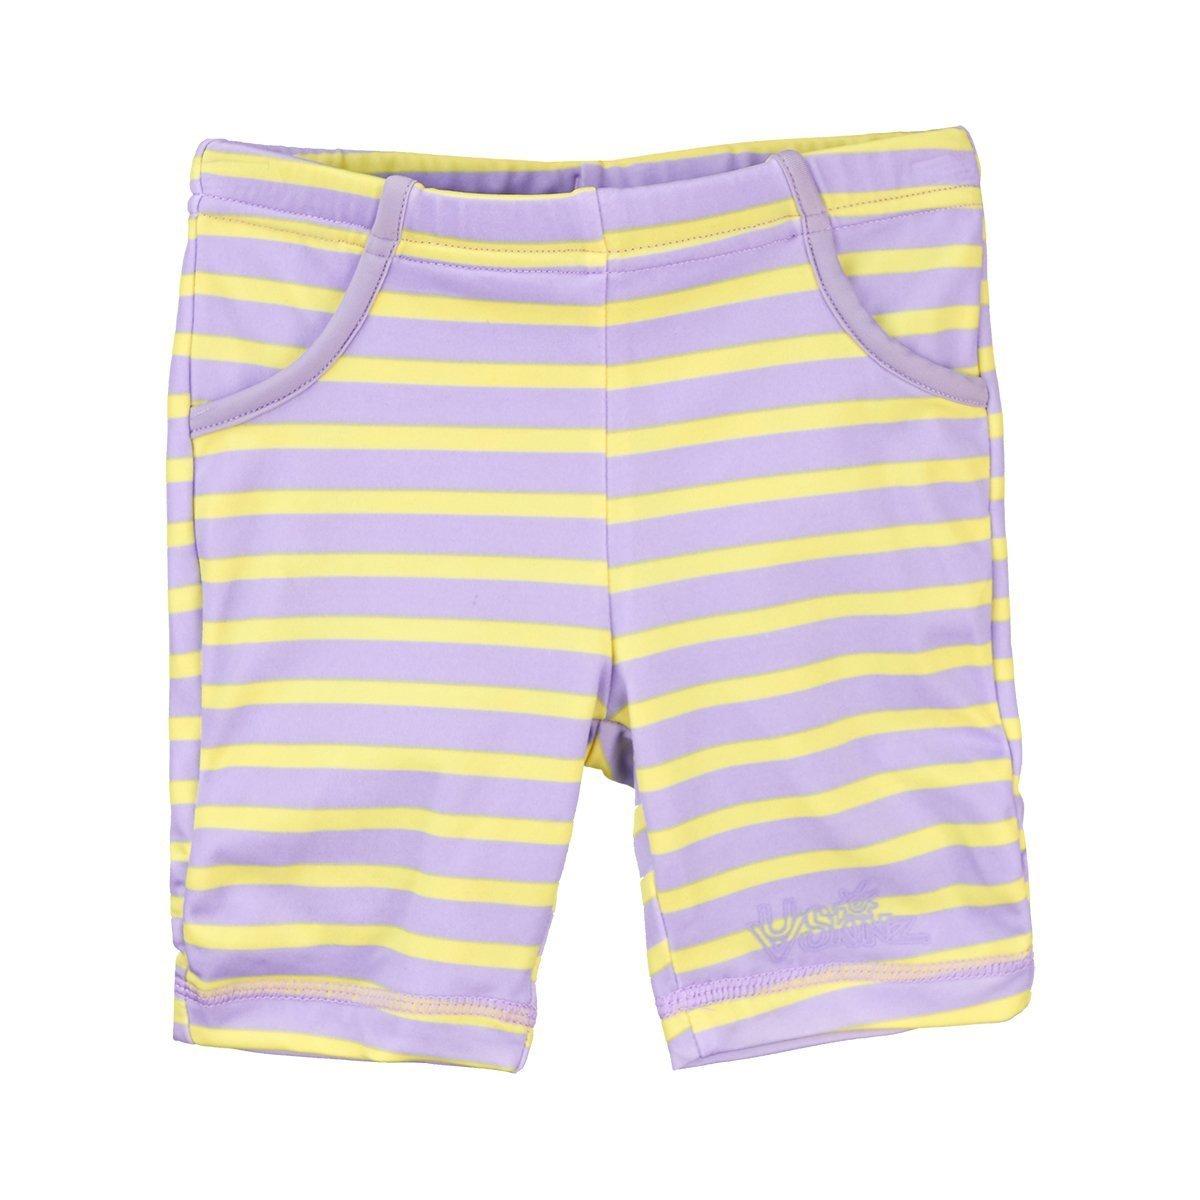 【高知インター店】 UV Skinz UPF Stripes 50 Lavender + Girls Skinz Swim & Play Jammerz 12 Lavender Stripes B01G7GR6HA, DryBones Online Shop:e1378ba4 --- vezam.lt